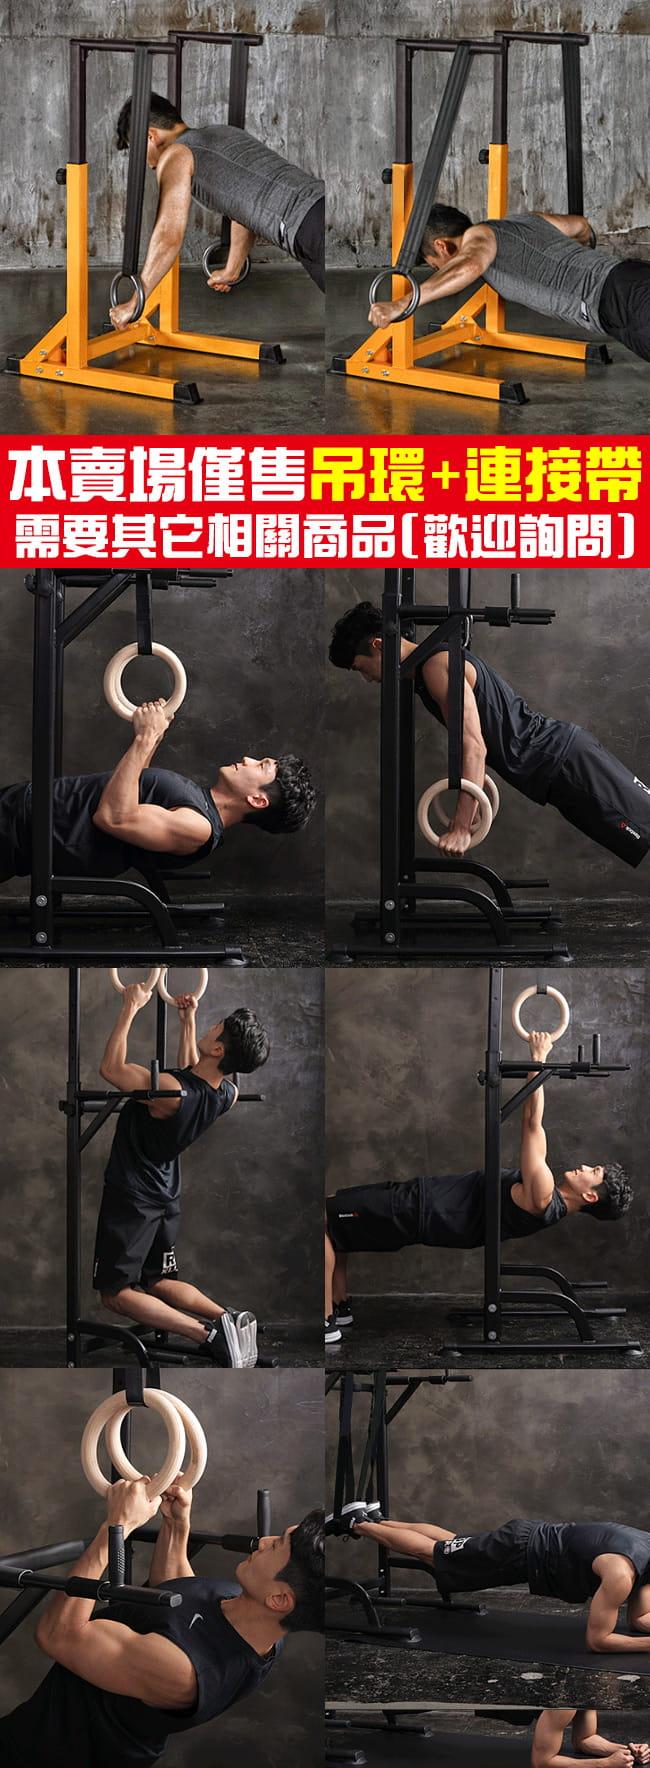 實心ABS體操吊環+車用安全帶(2入)(引體向上健身吊環帶.拉環訓練環平衡環) 7